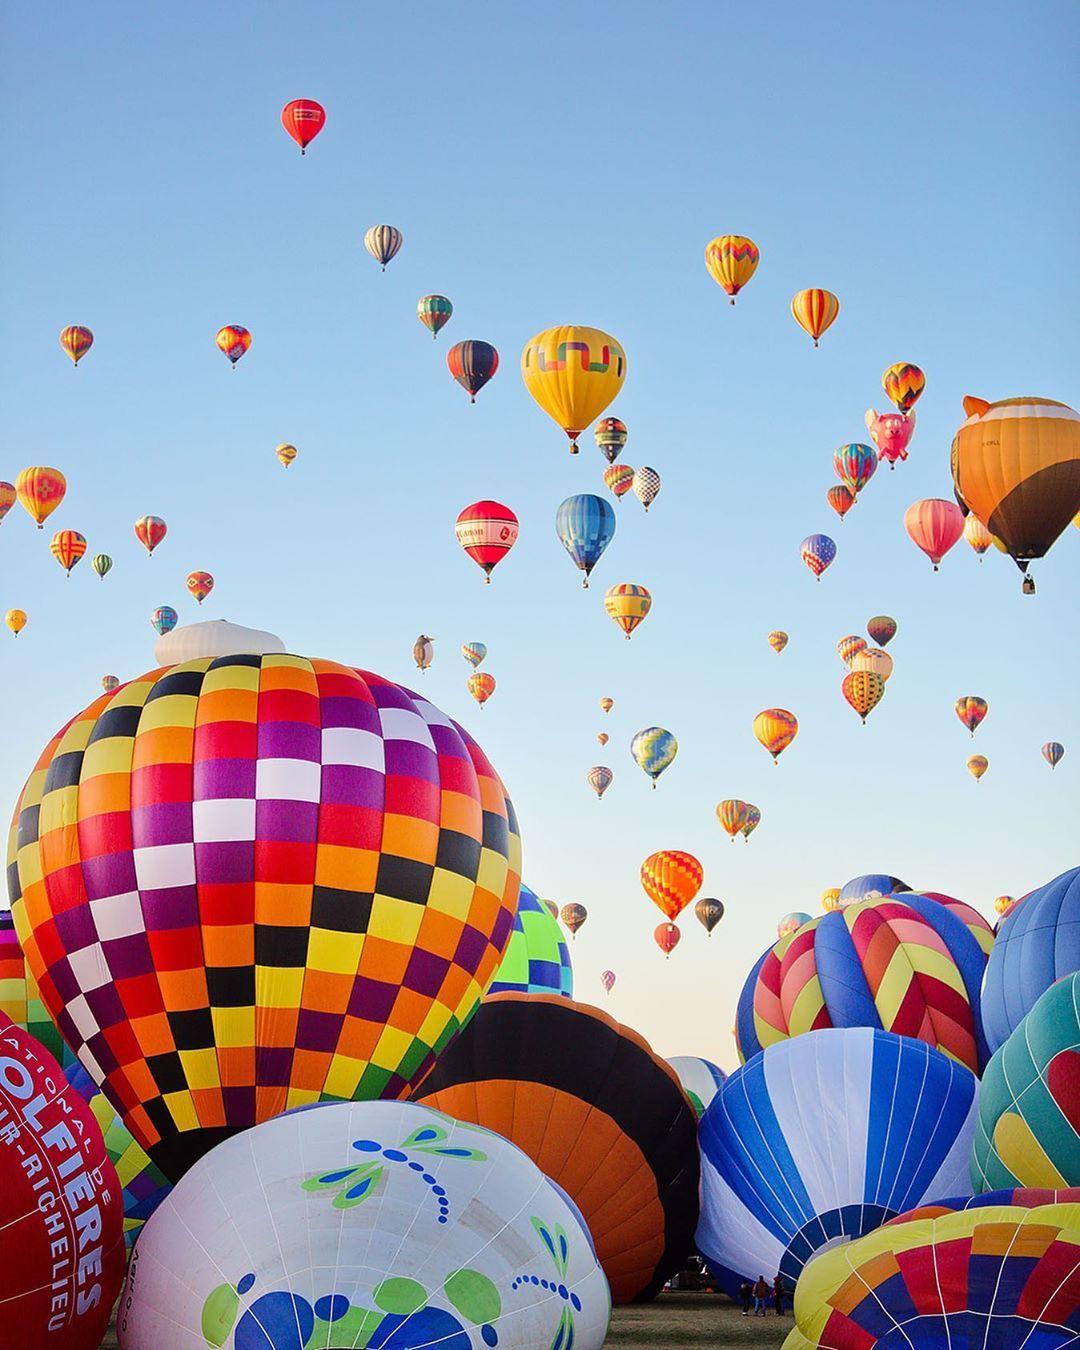 Albuquerque Hot Air Balloon Festival in New Mexico